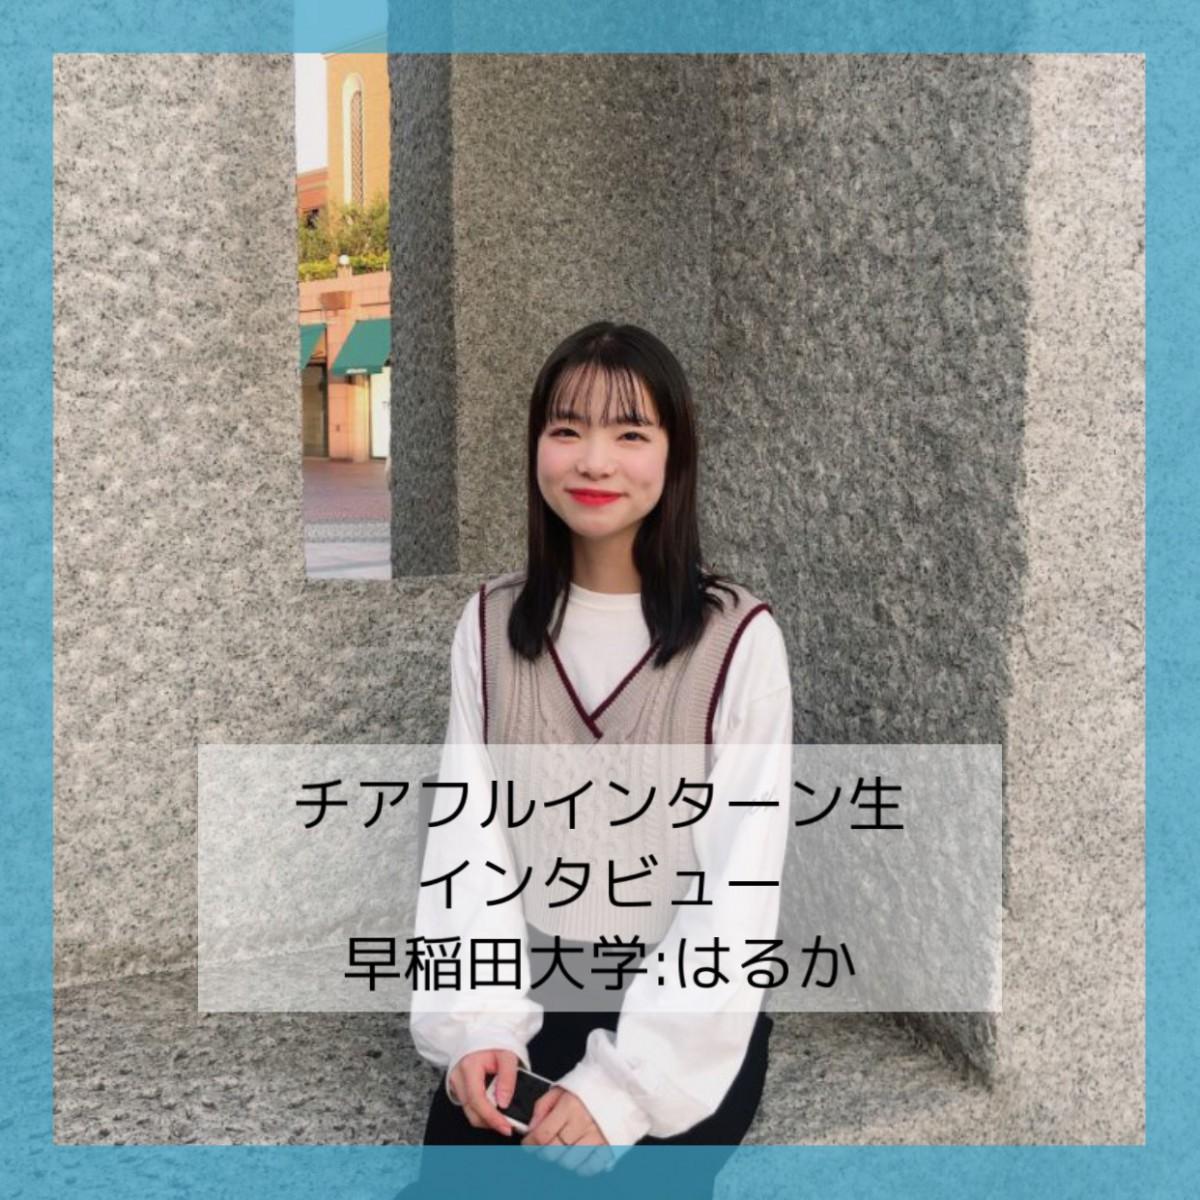 【東京21卒:早稲田大学】活動していく中で当事者意識や積極性が自然と生まれました